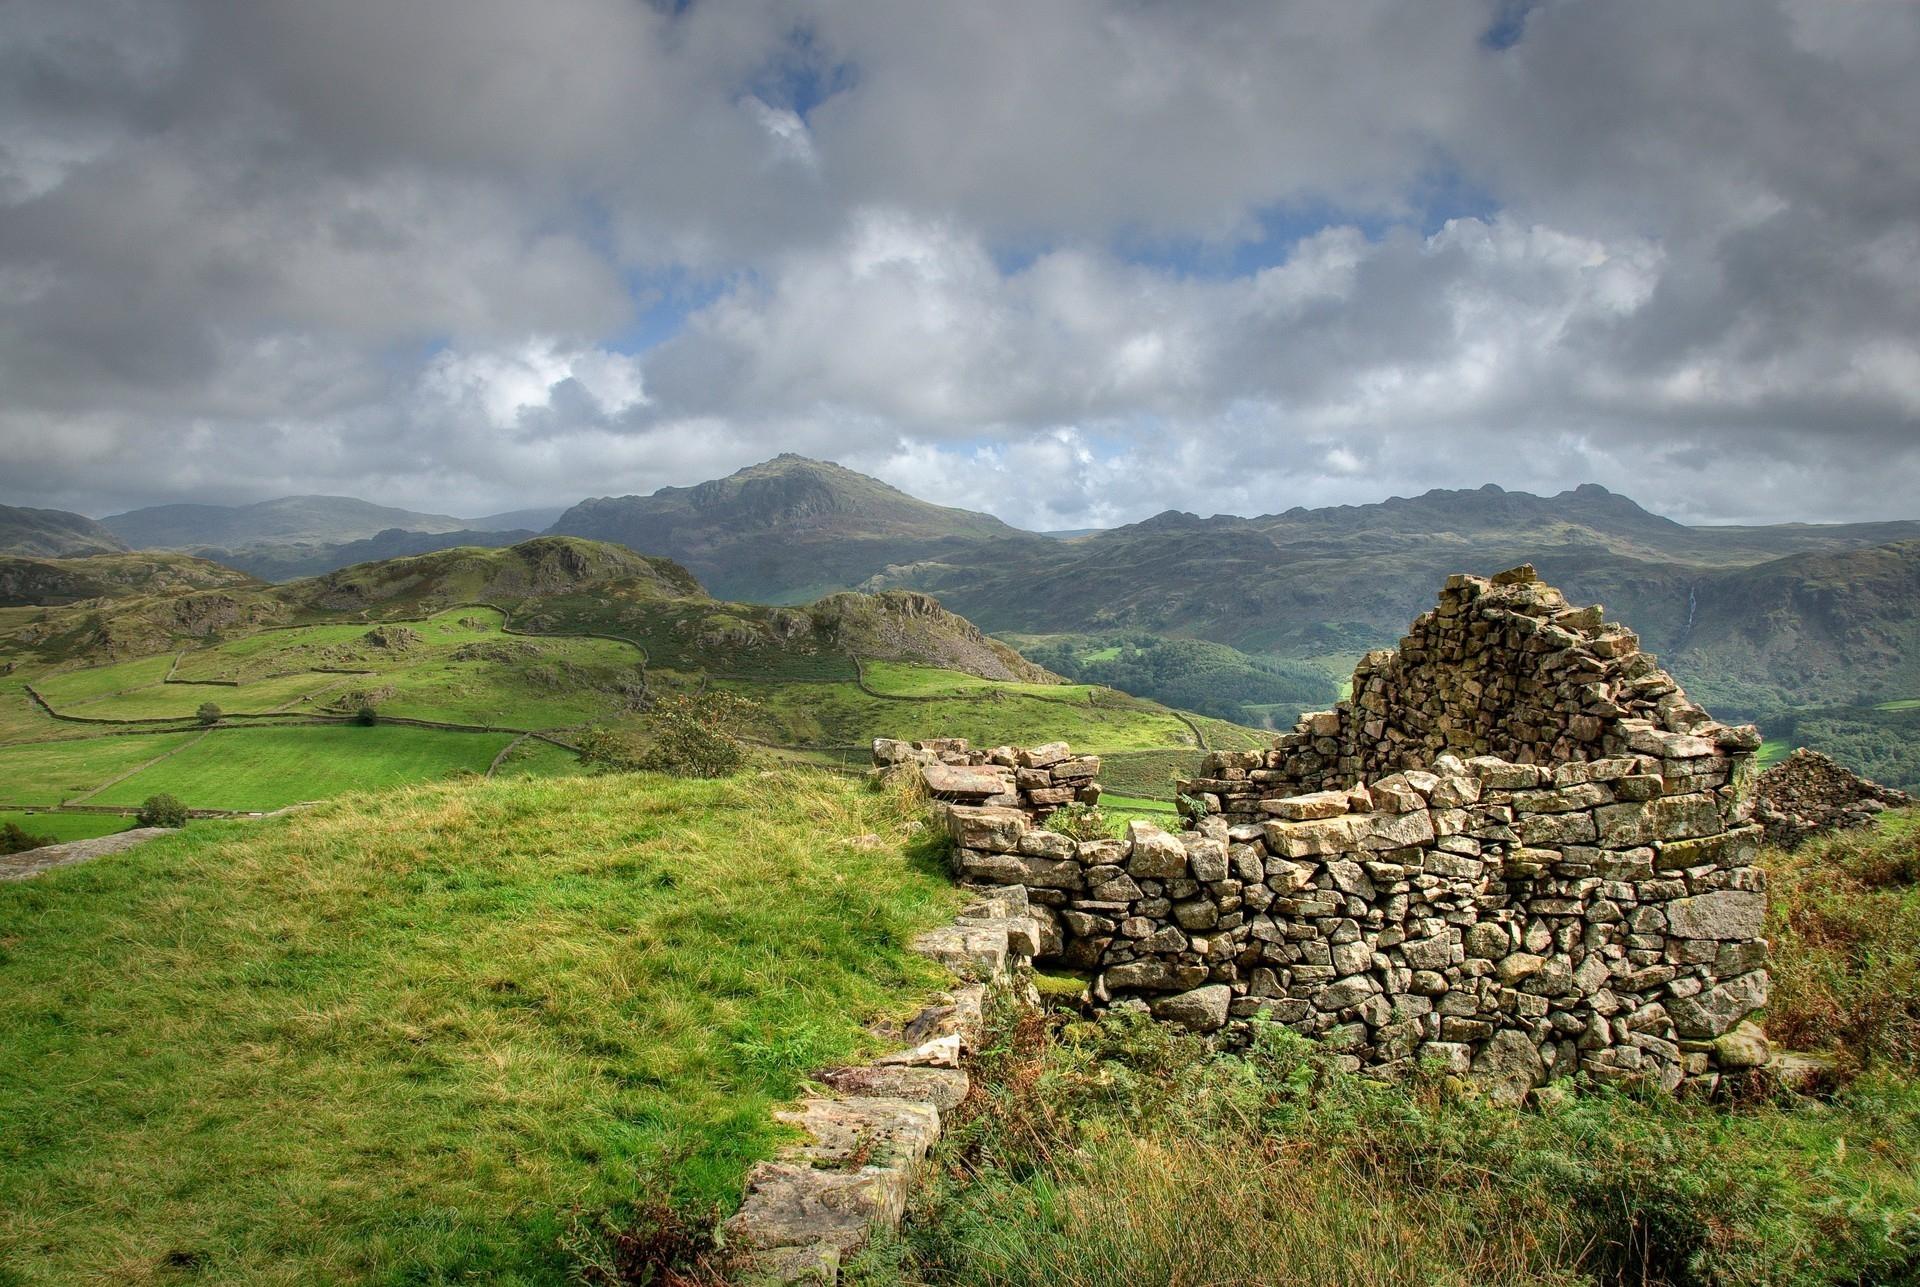 удобства развалины в горах фото этому